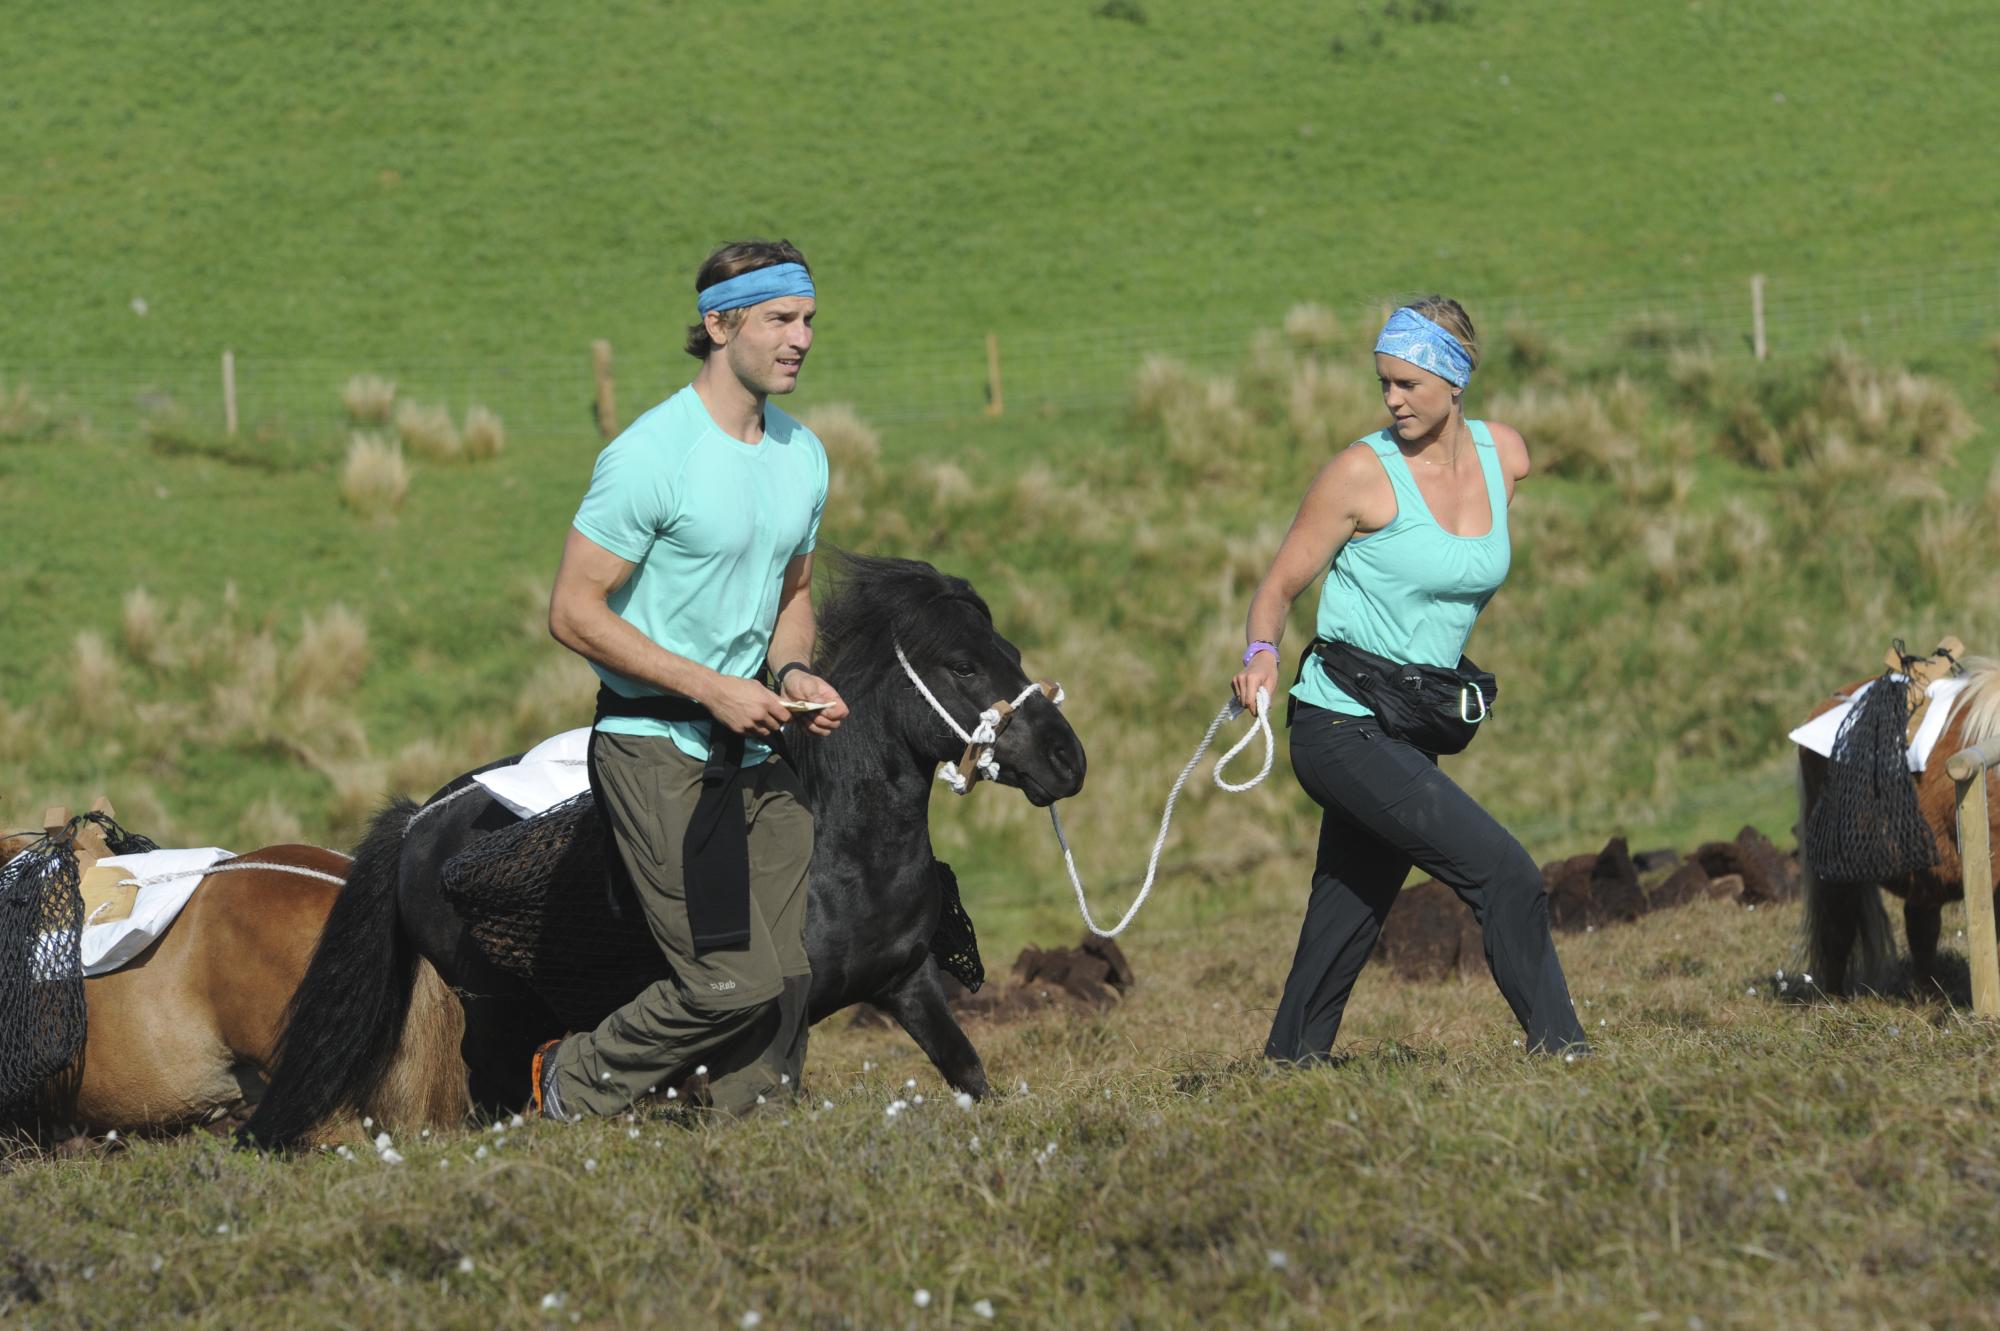 Delivering soil via a Shetland pony